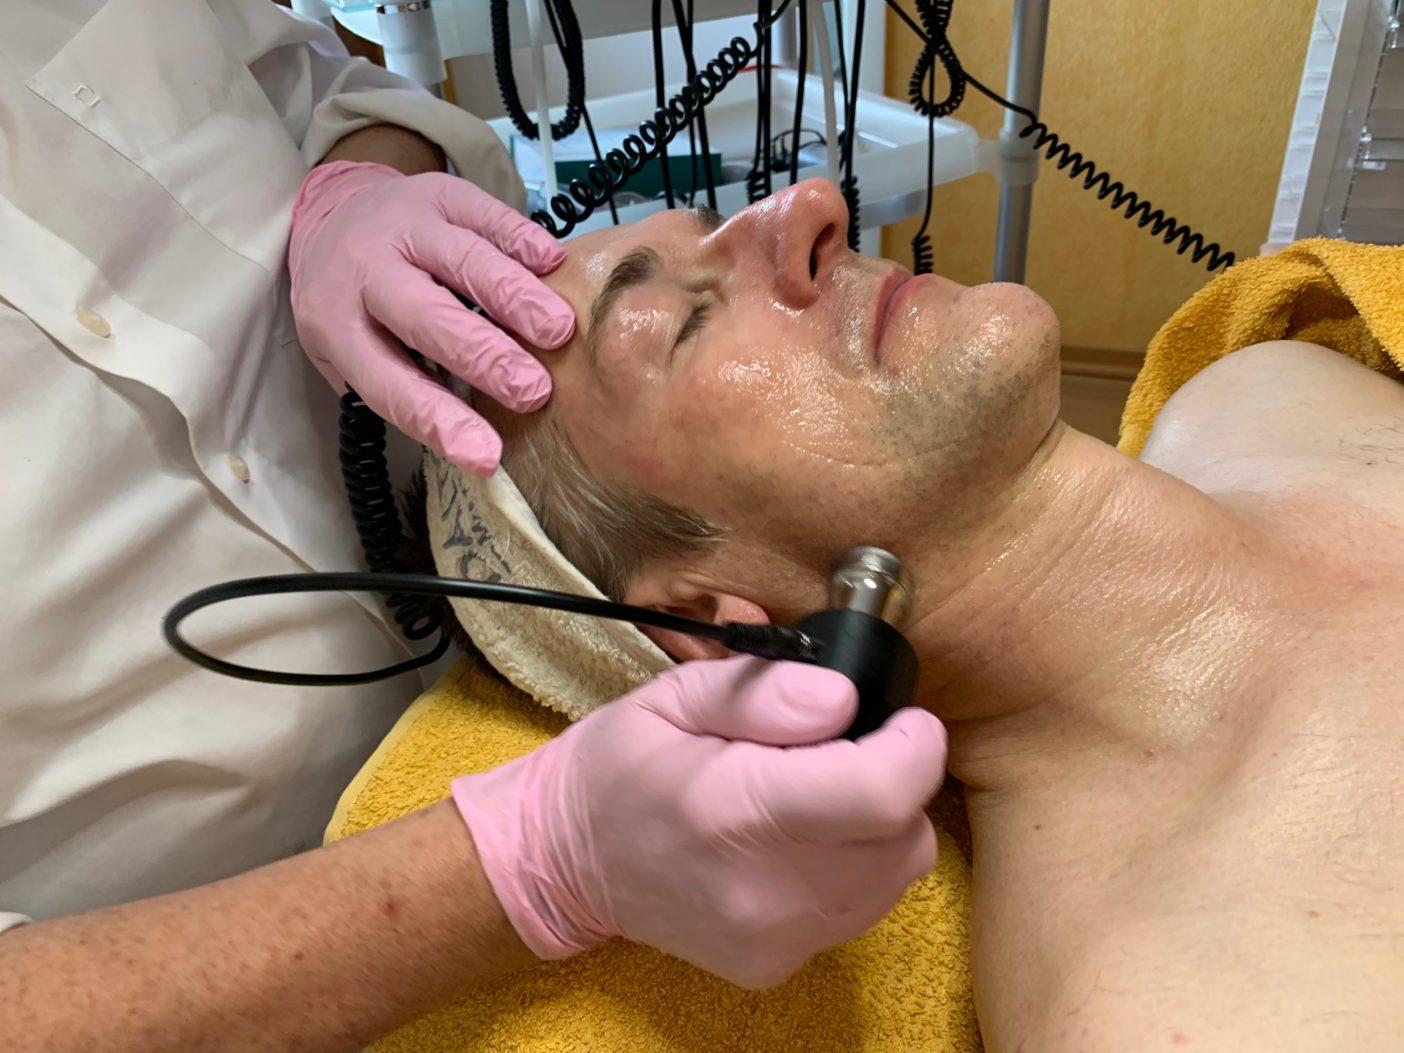 nadelfreie Mesotherapie, elektrische Mesotherapie